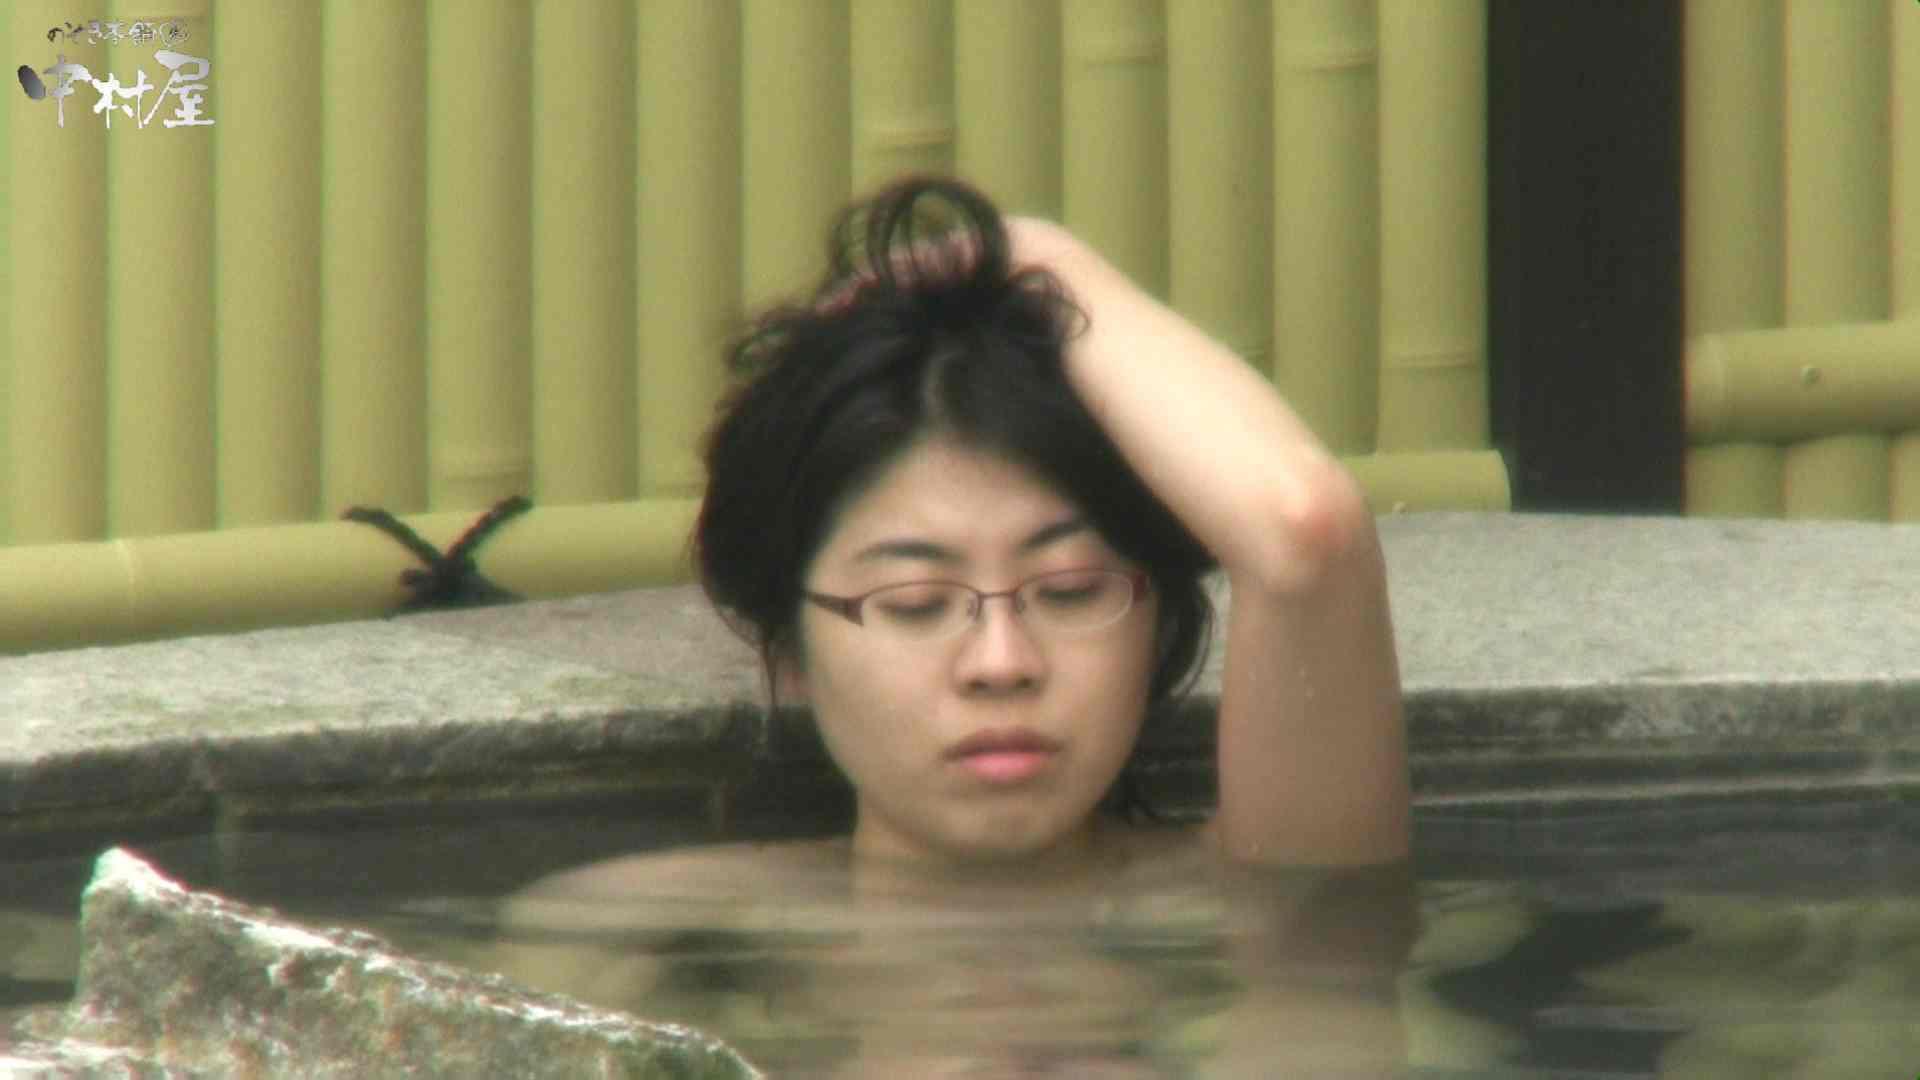 Aquaな露天風呂Vol.947 OLハメ撮り  61Pix 25